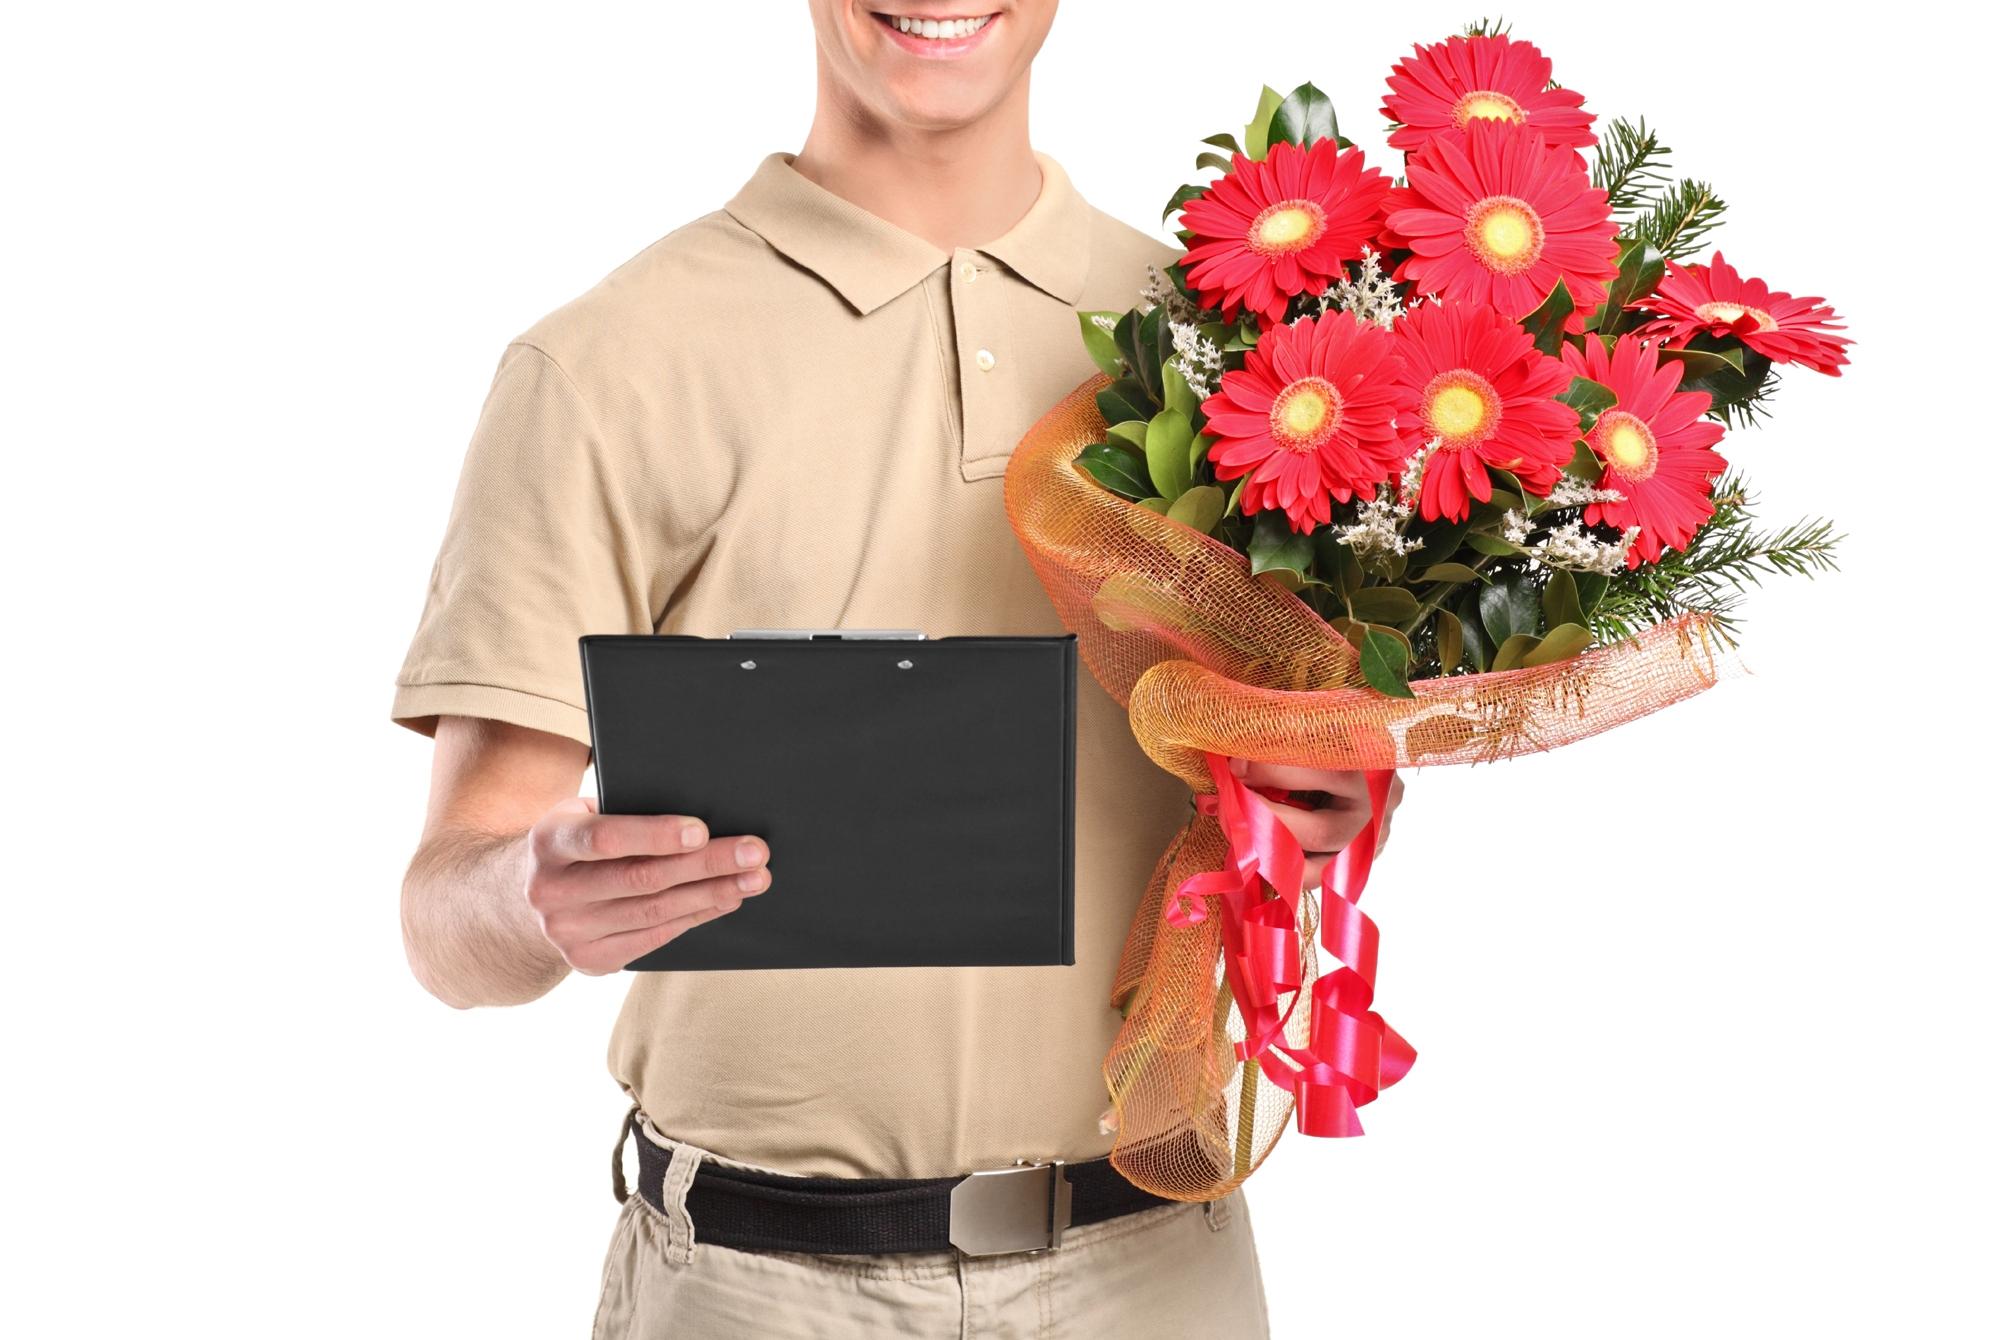 Доставка цветов по телефону в москве и области, купить цветы пионы